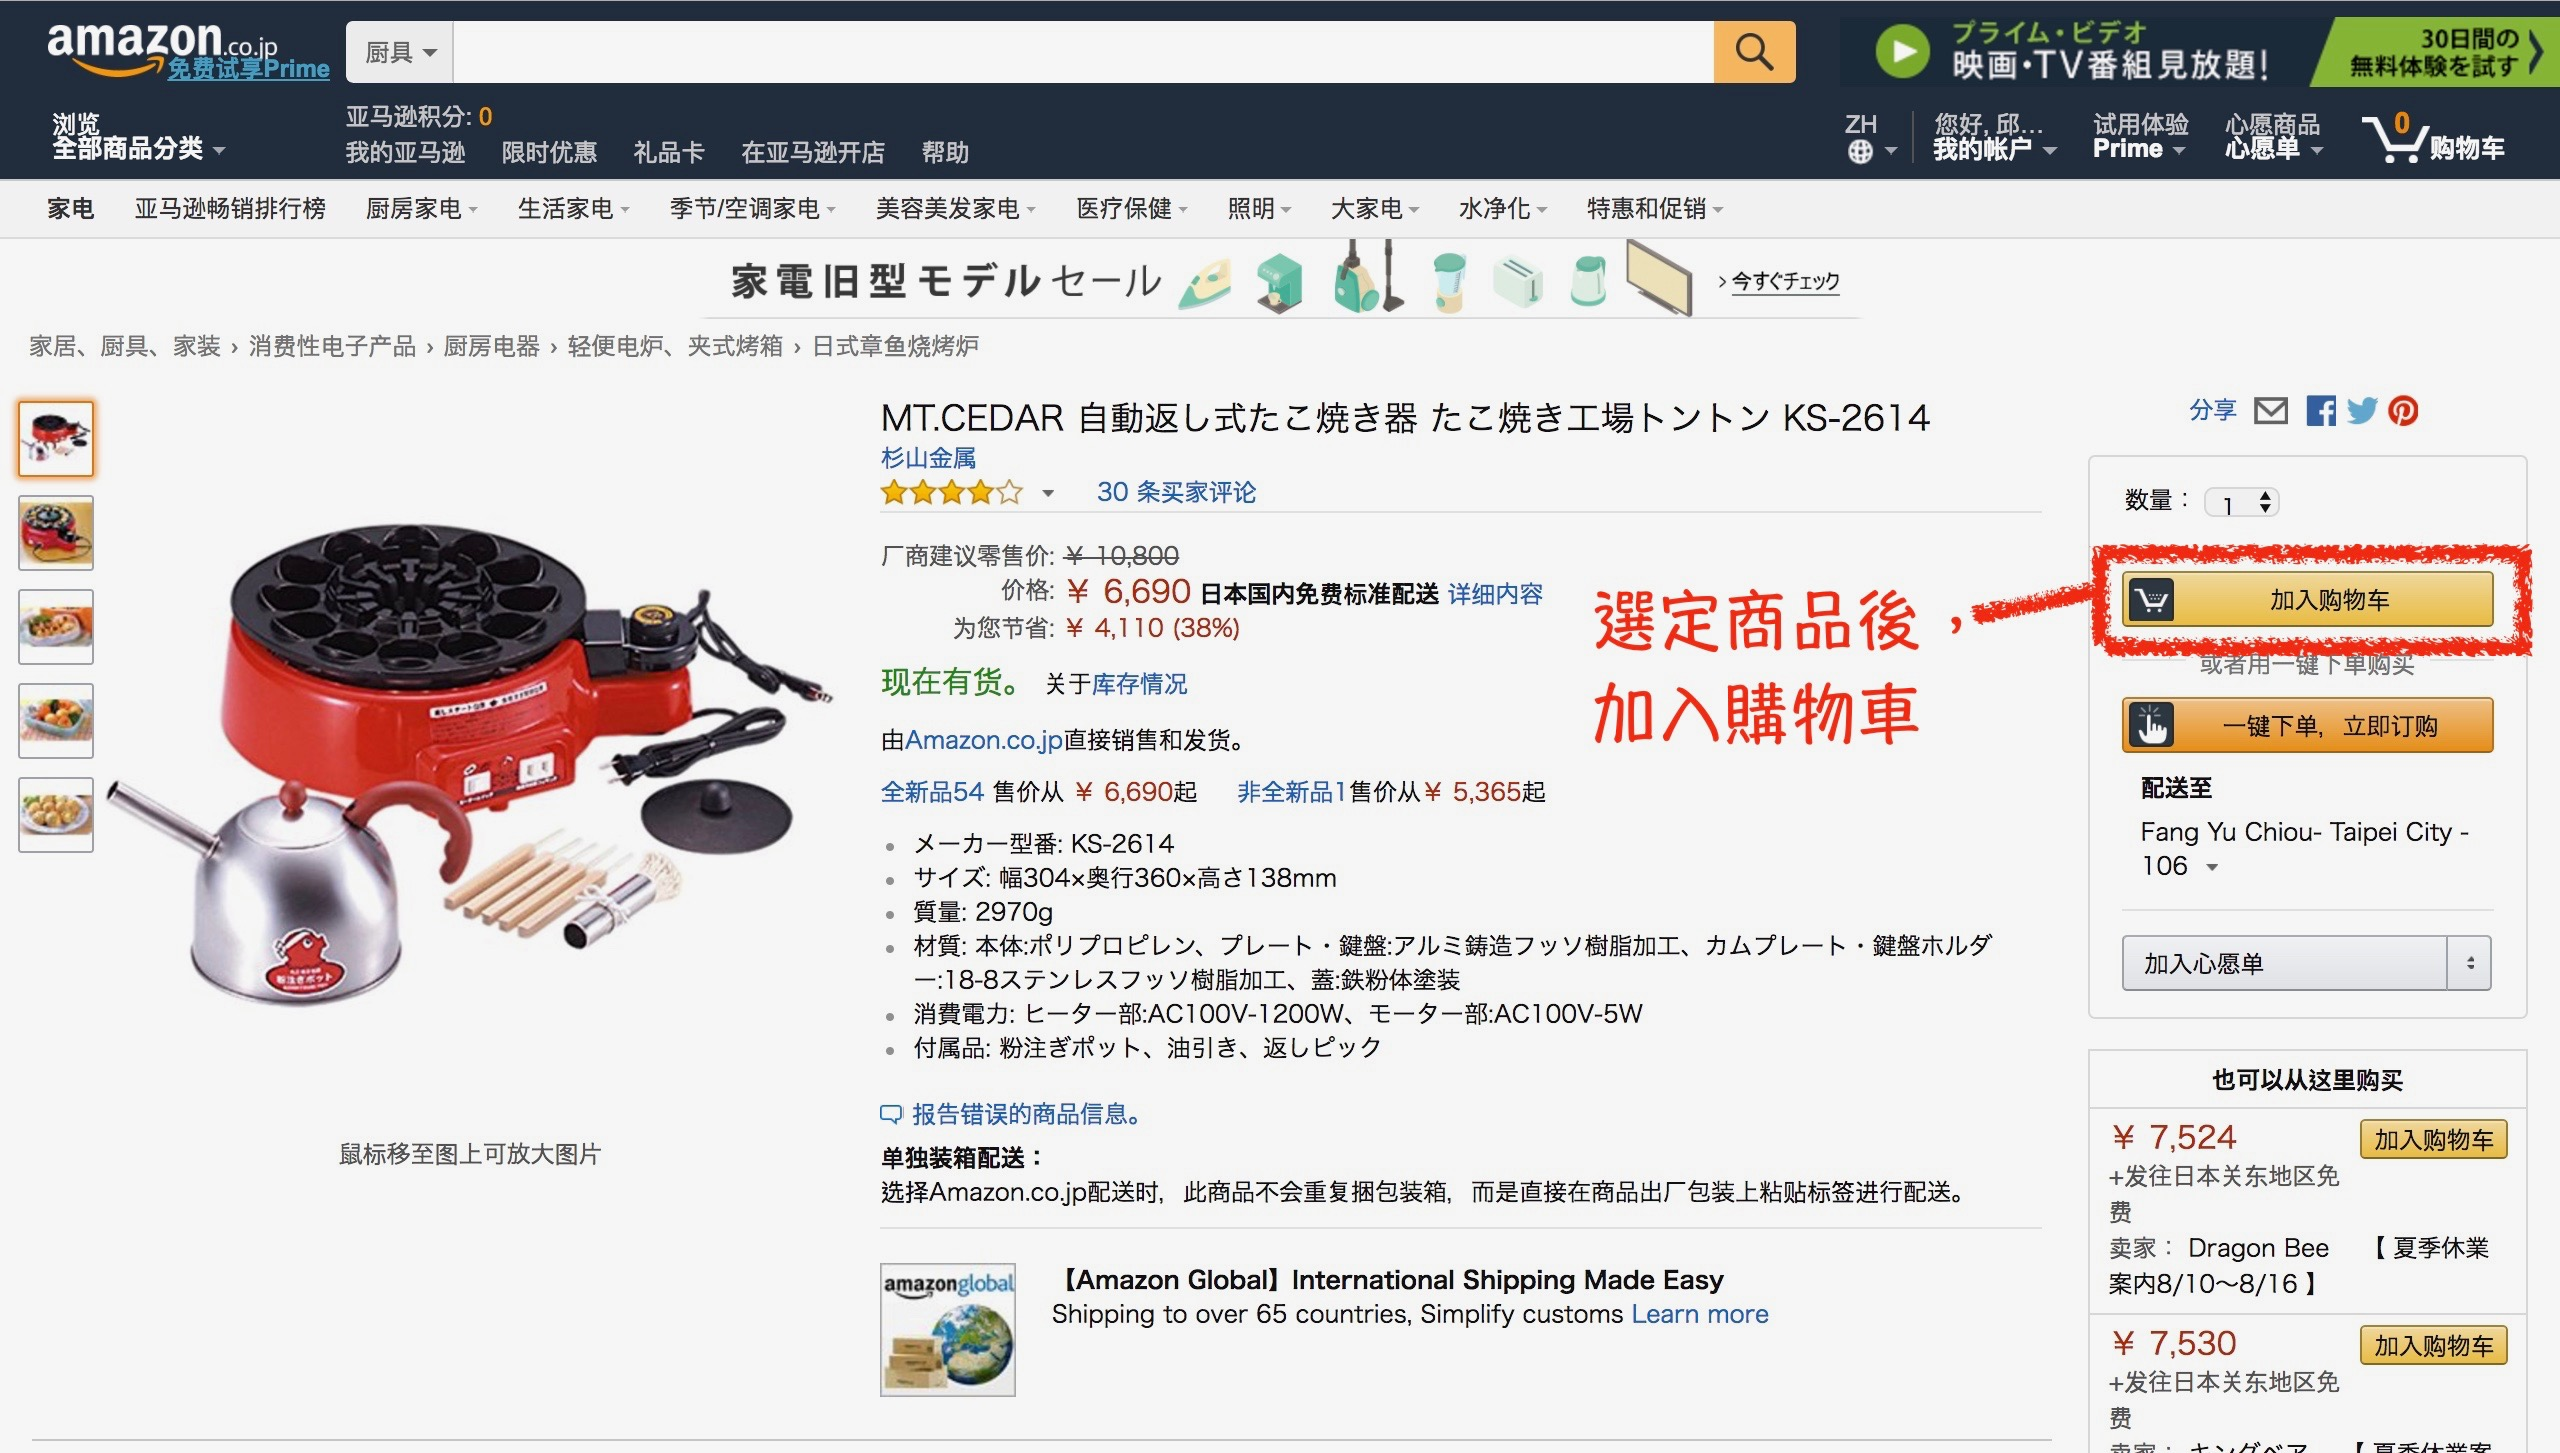 2019 日本亞馬遜優惠碼、折扣碼/AMAZON.JP 優惠碼/discount promo code2019/日本Amazon限時特惠活動(2019/4/14)